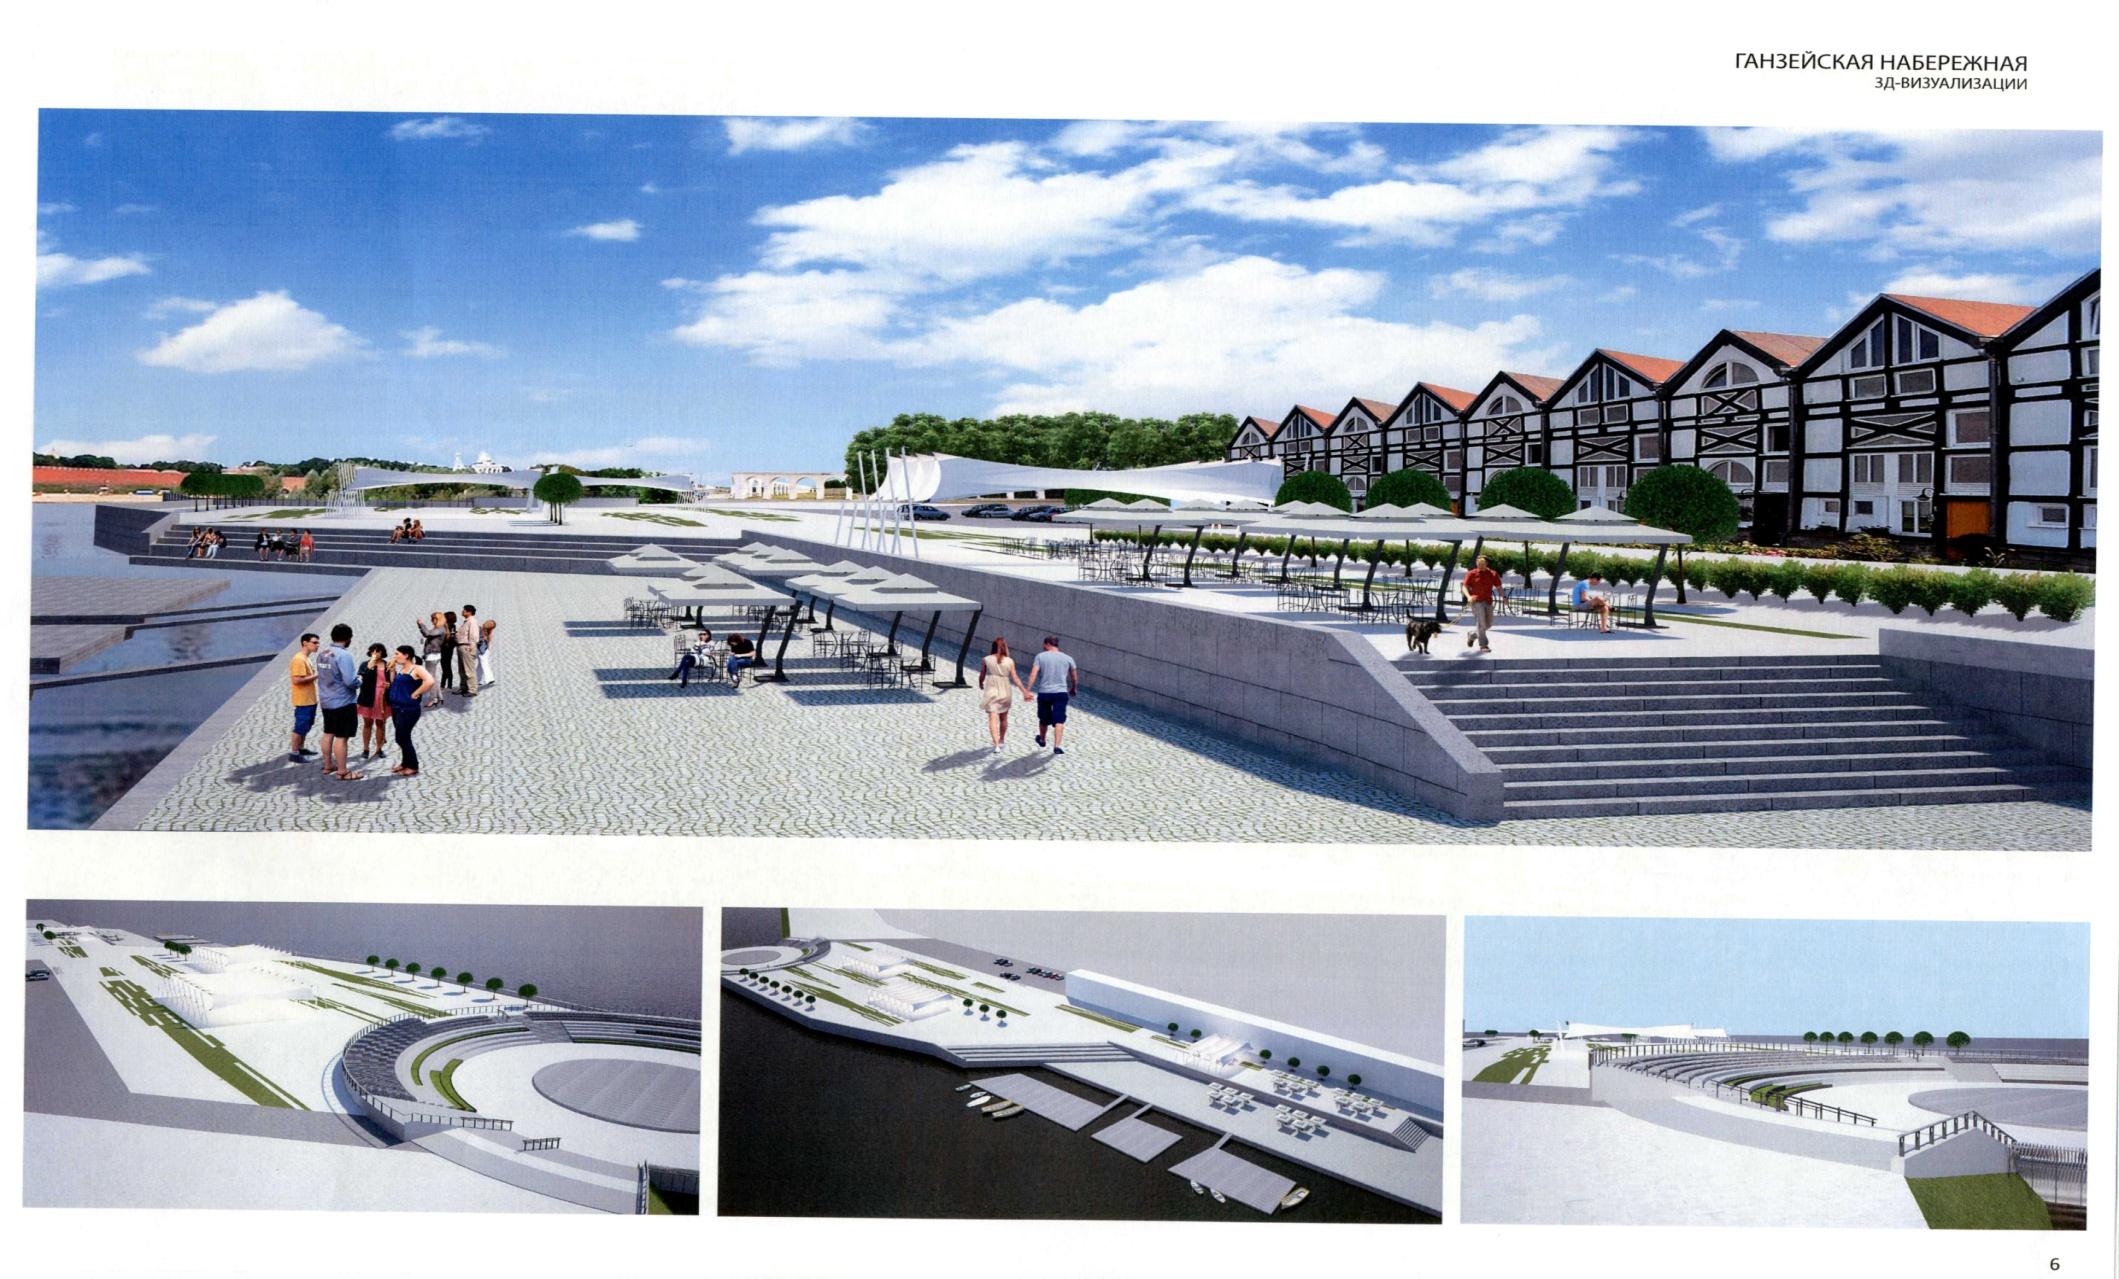 ВВеликом Новгороде планируют благоустроить 20 километров набережной